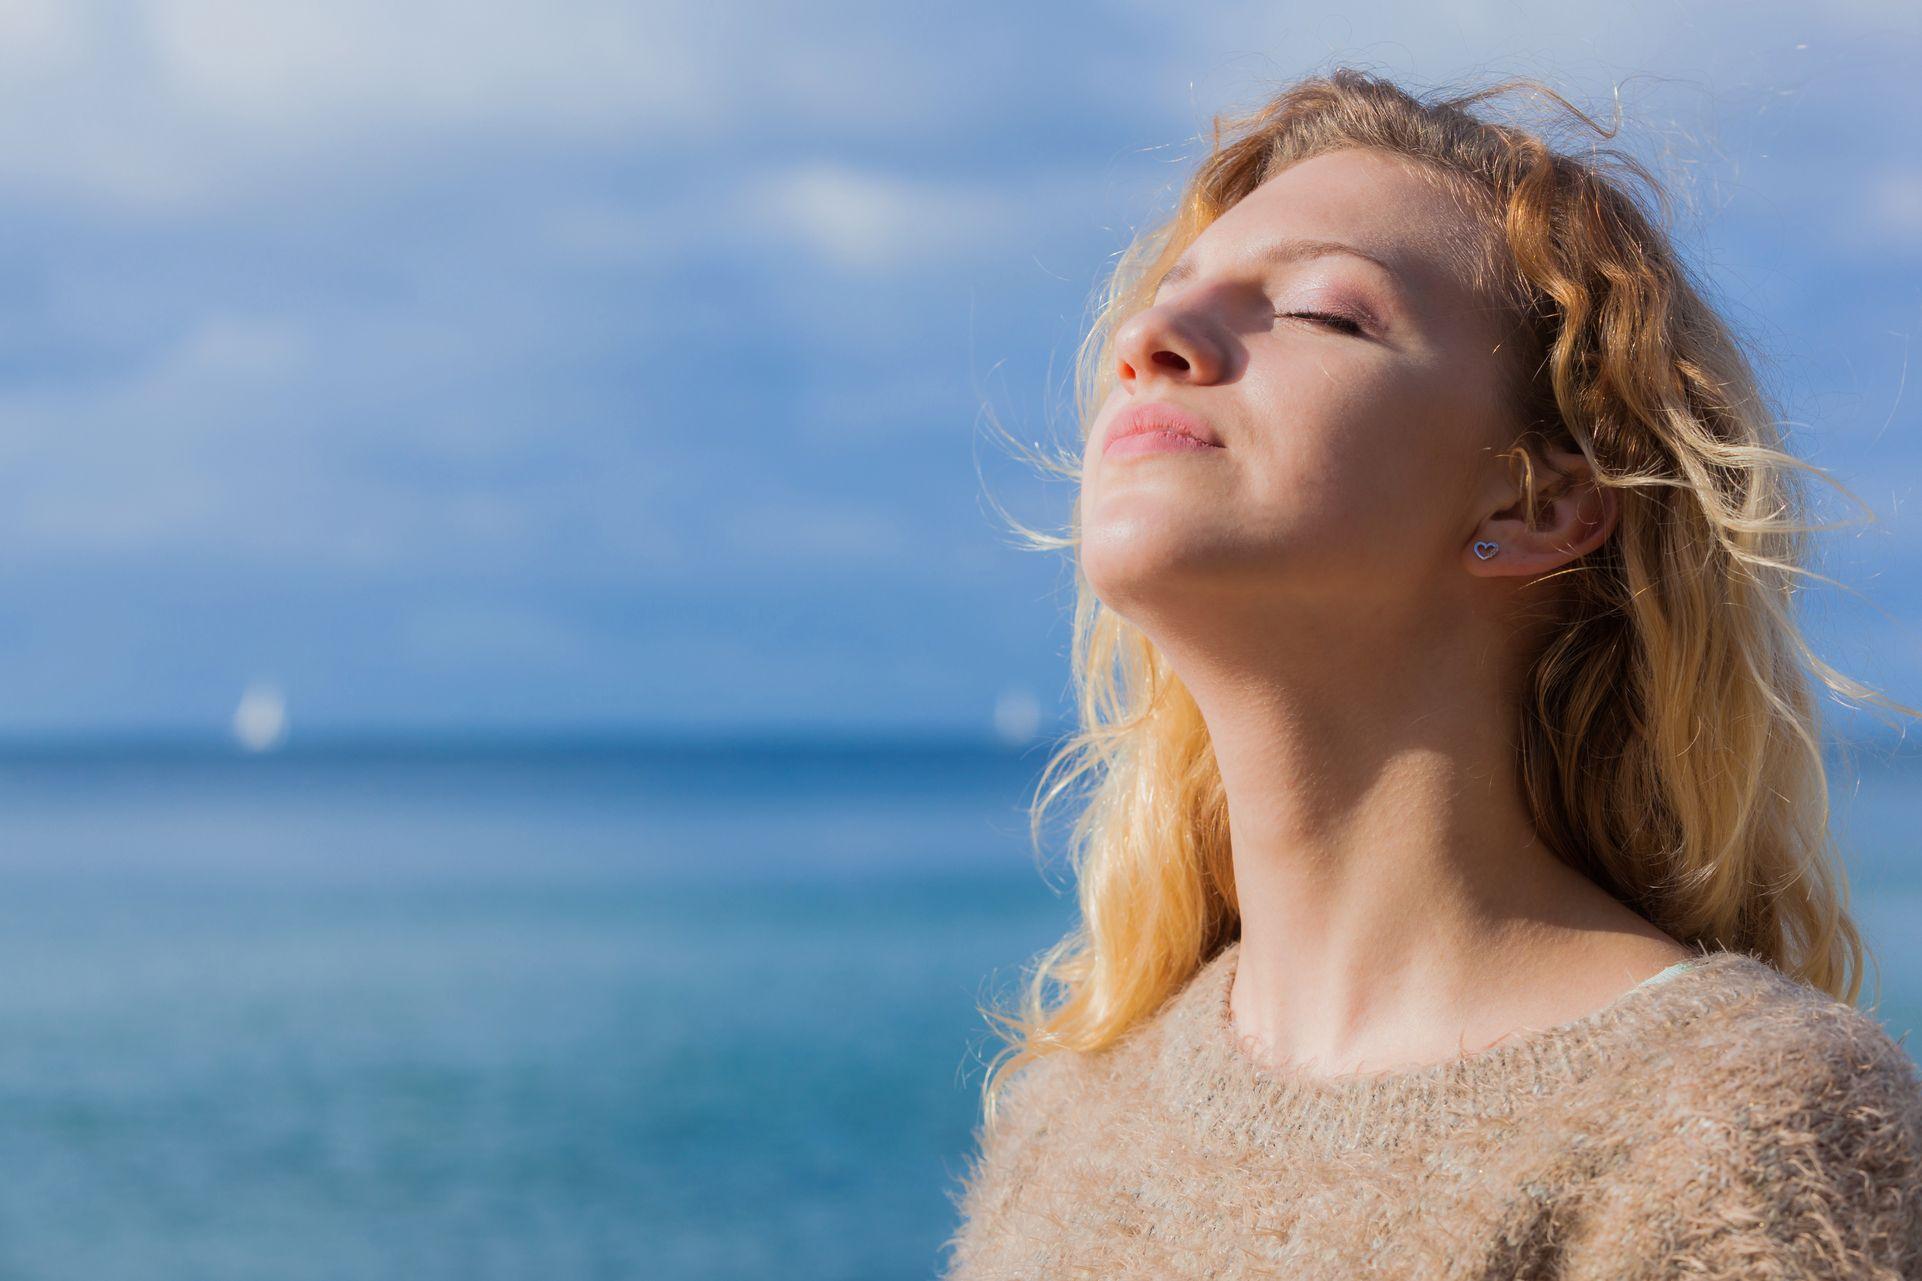 La carence en vitamine D : l'exposition insuffisante à la lumière du soleil